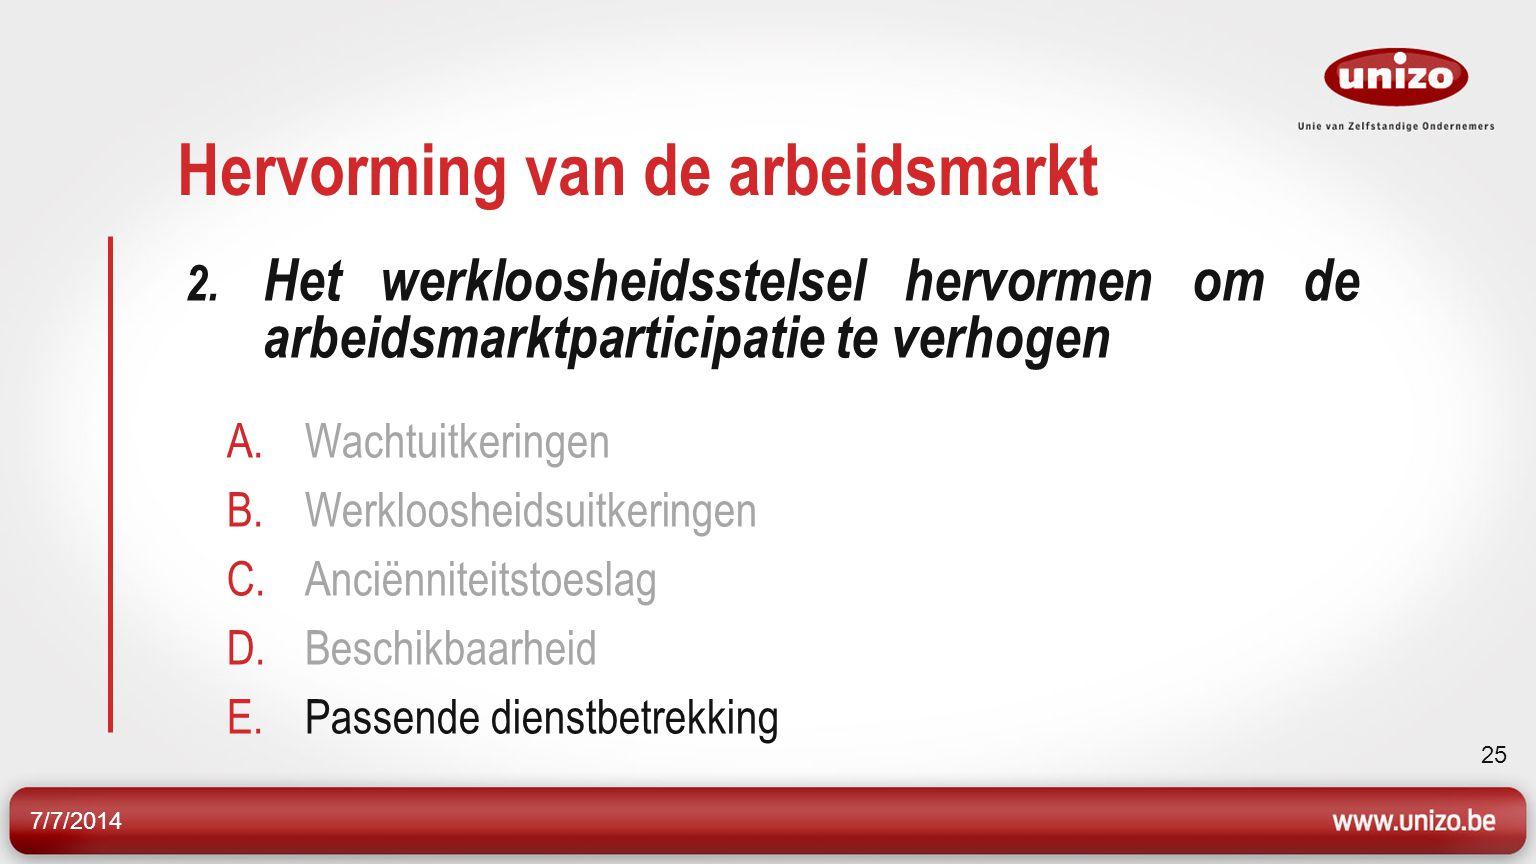 7/7/2014 25 Hervorming van de arbeidsmarkt 2.